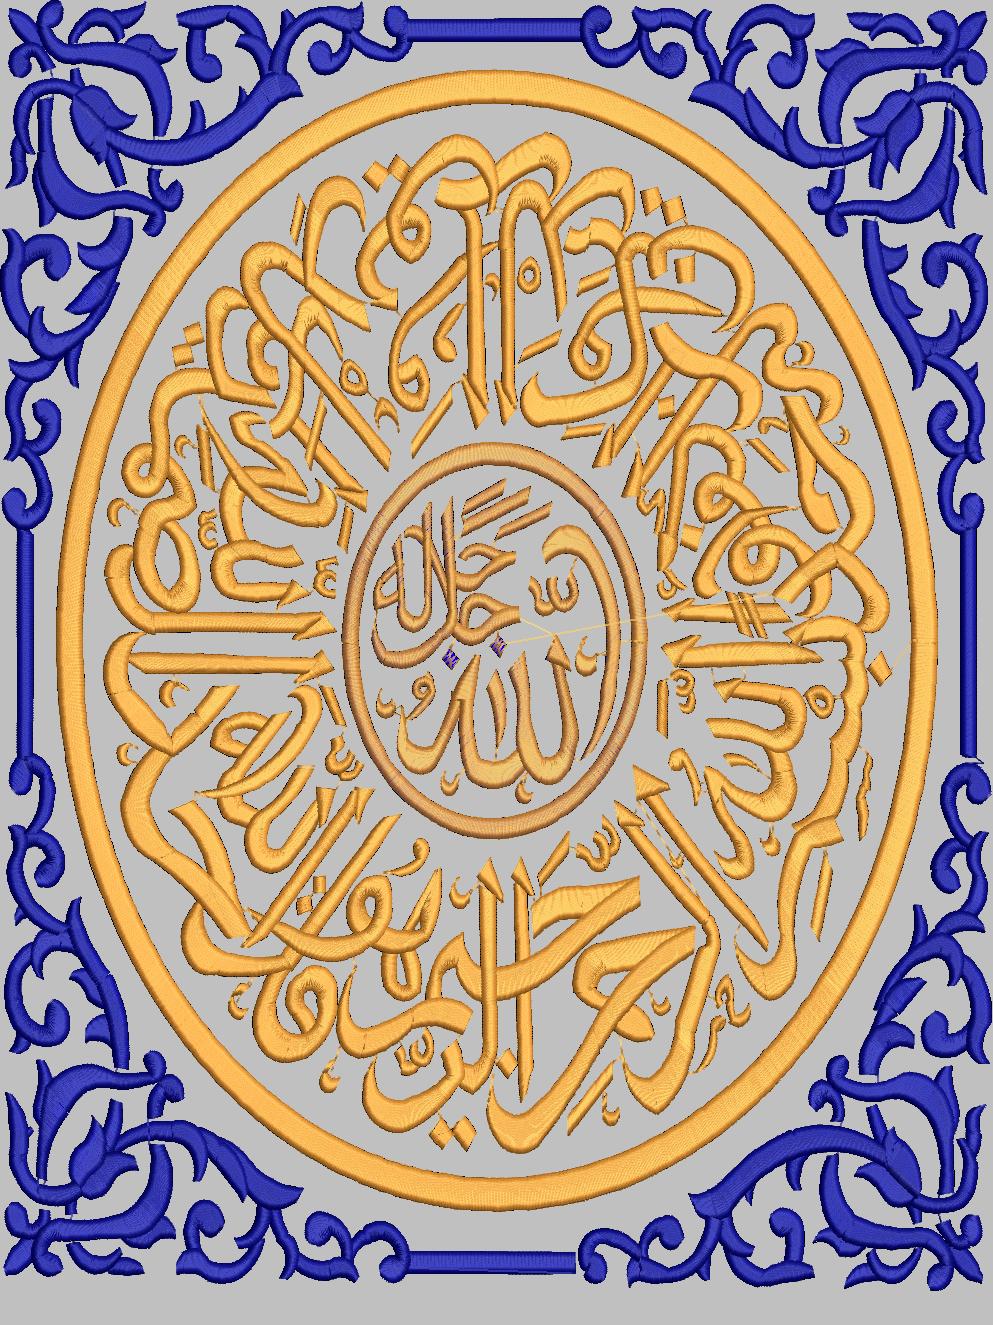 Download Contoh Desain Bordir kaligrafi Arab Gratis